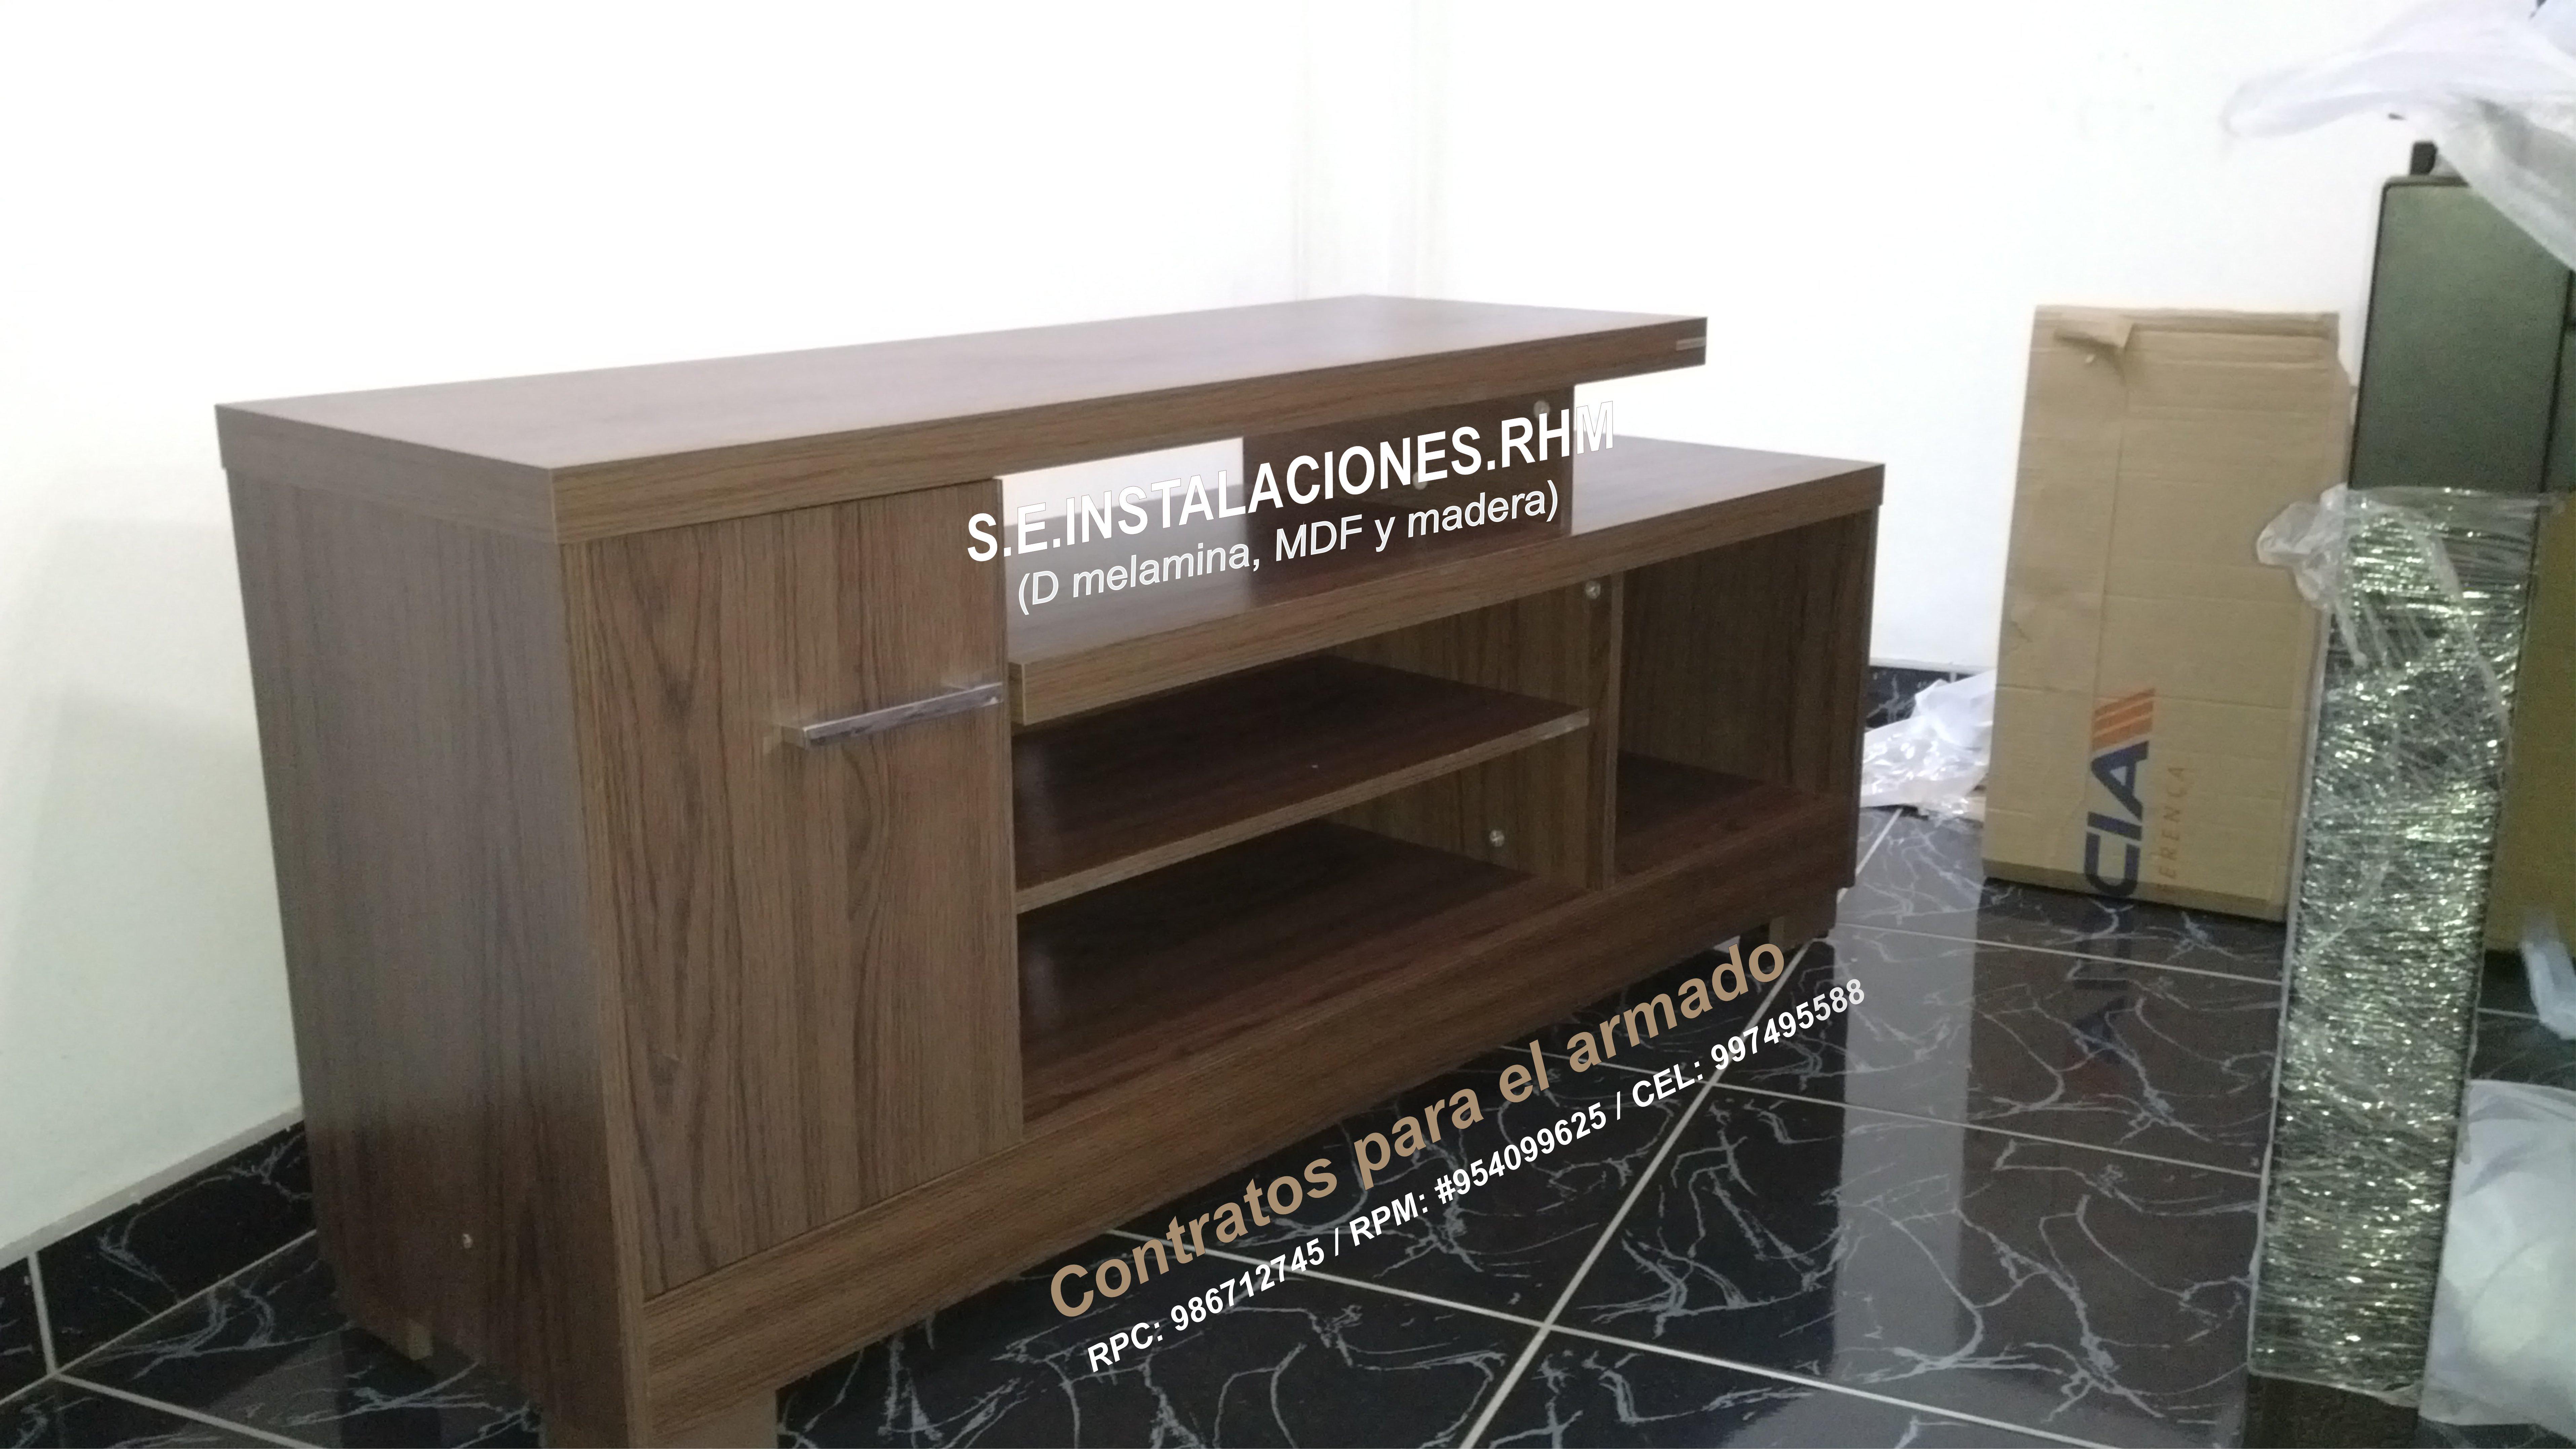 Armado de muebles de tottus for Armado de muebles en mdf